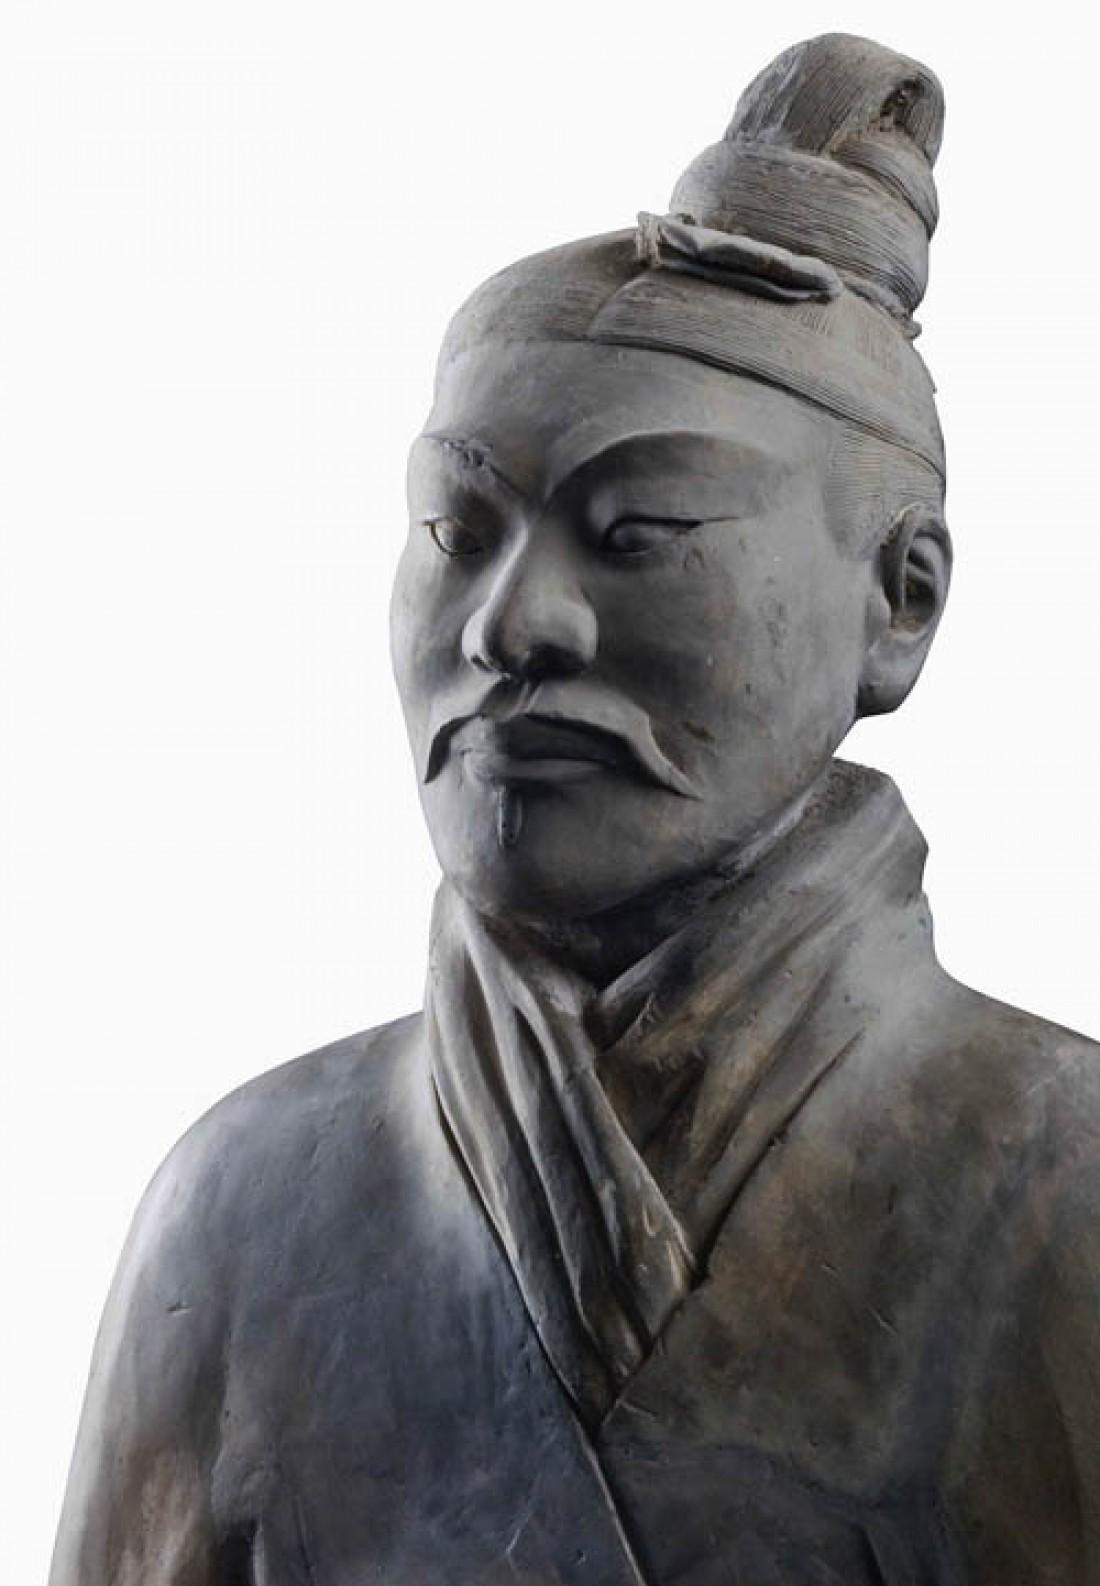 Китайский солдат в шарфе, обозначающем его ранг